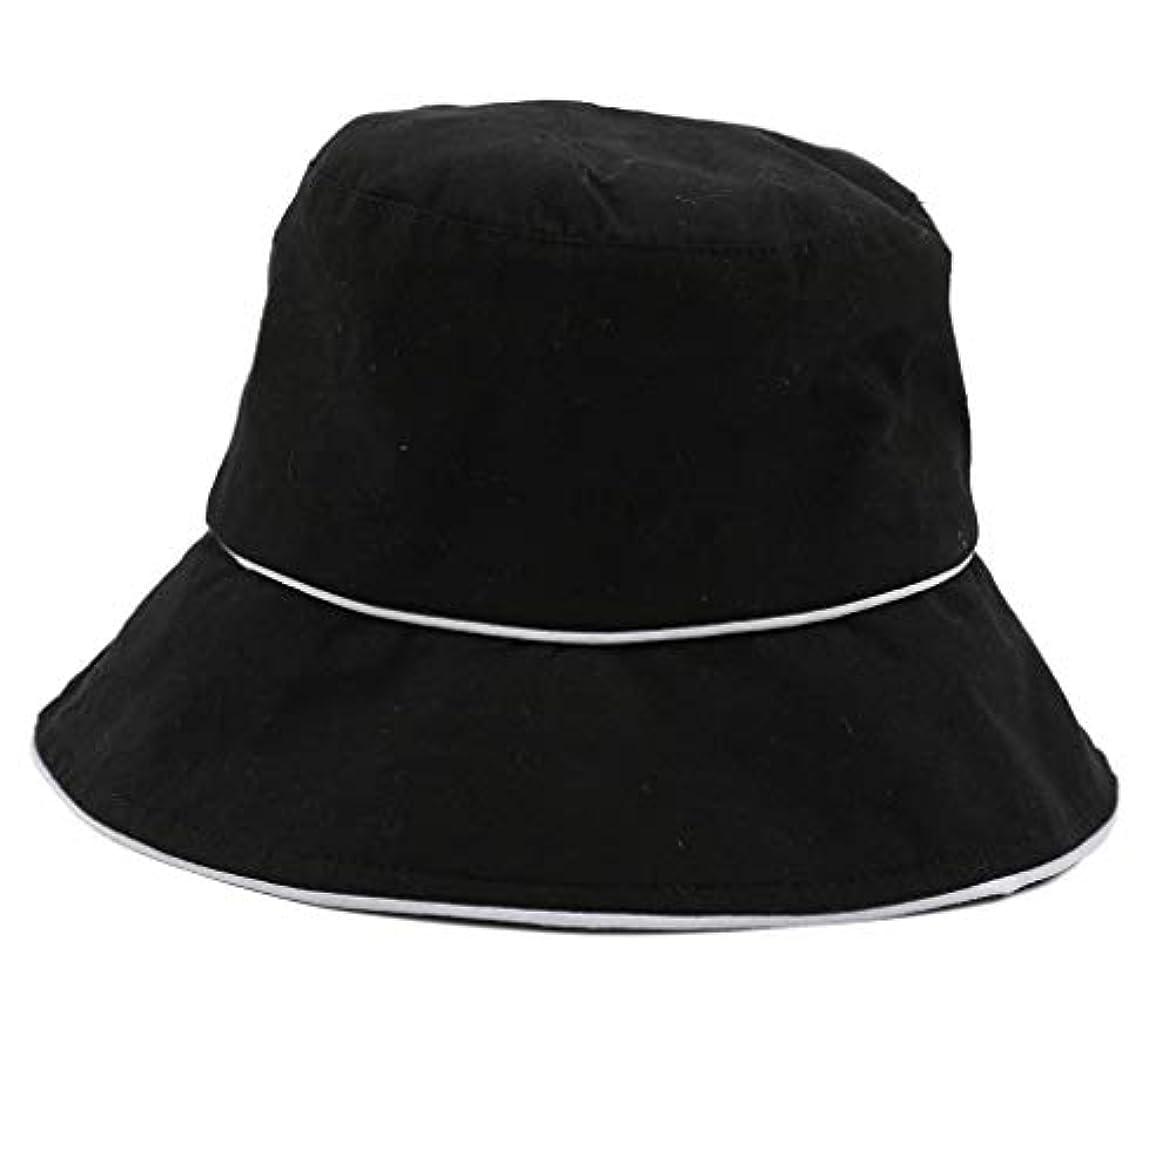 管理しますキャンドル類似性ROSE ROMAN - 帽子 レディース uv 漁師の帽子 99%uvカット 小顔効果抜群 帽子 サイズ調整 テープ キャップ 黒 漁師帽 おしゃれ 可愛い ハット 折りたたみ 紫外線対策 ファッション ワイルド カジュアル...